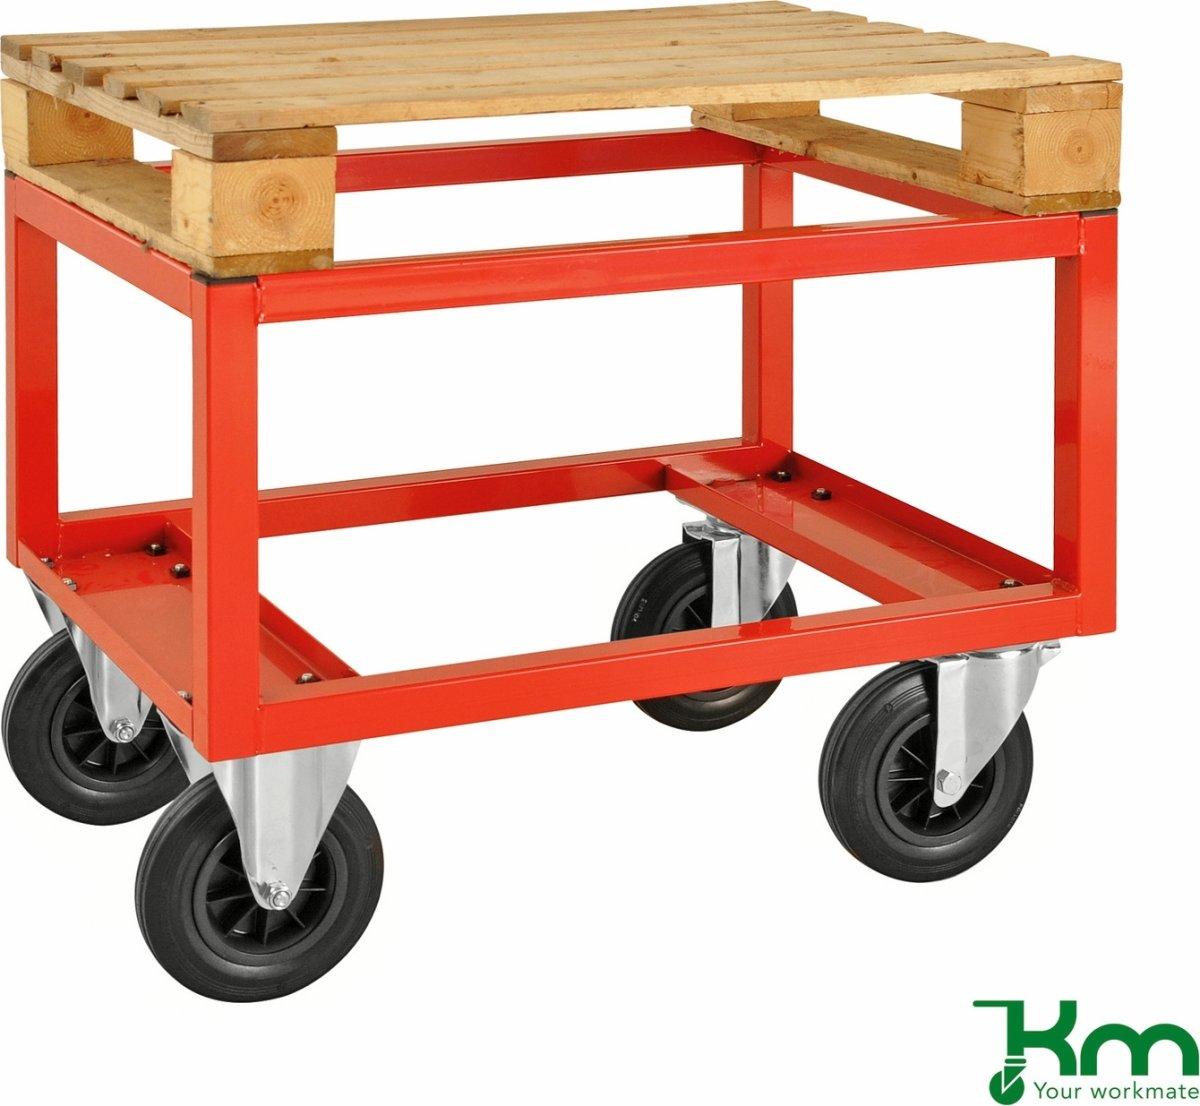 Palletransportvogn Høj, Halvpalle, Rød